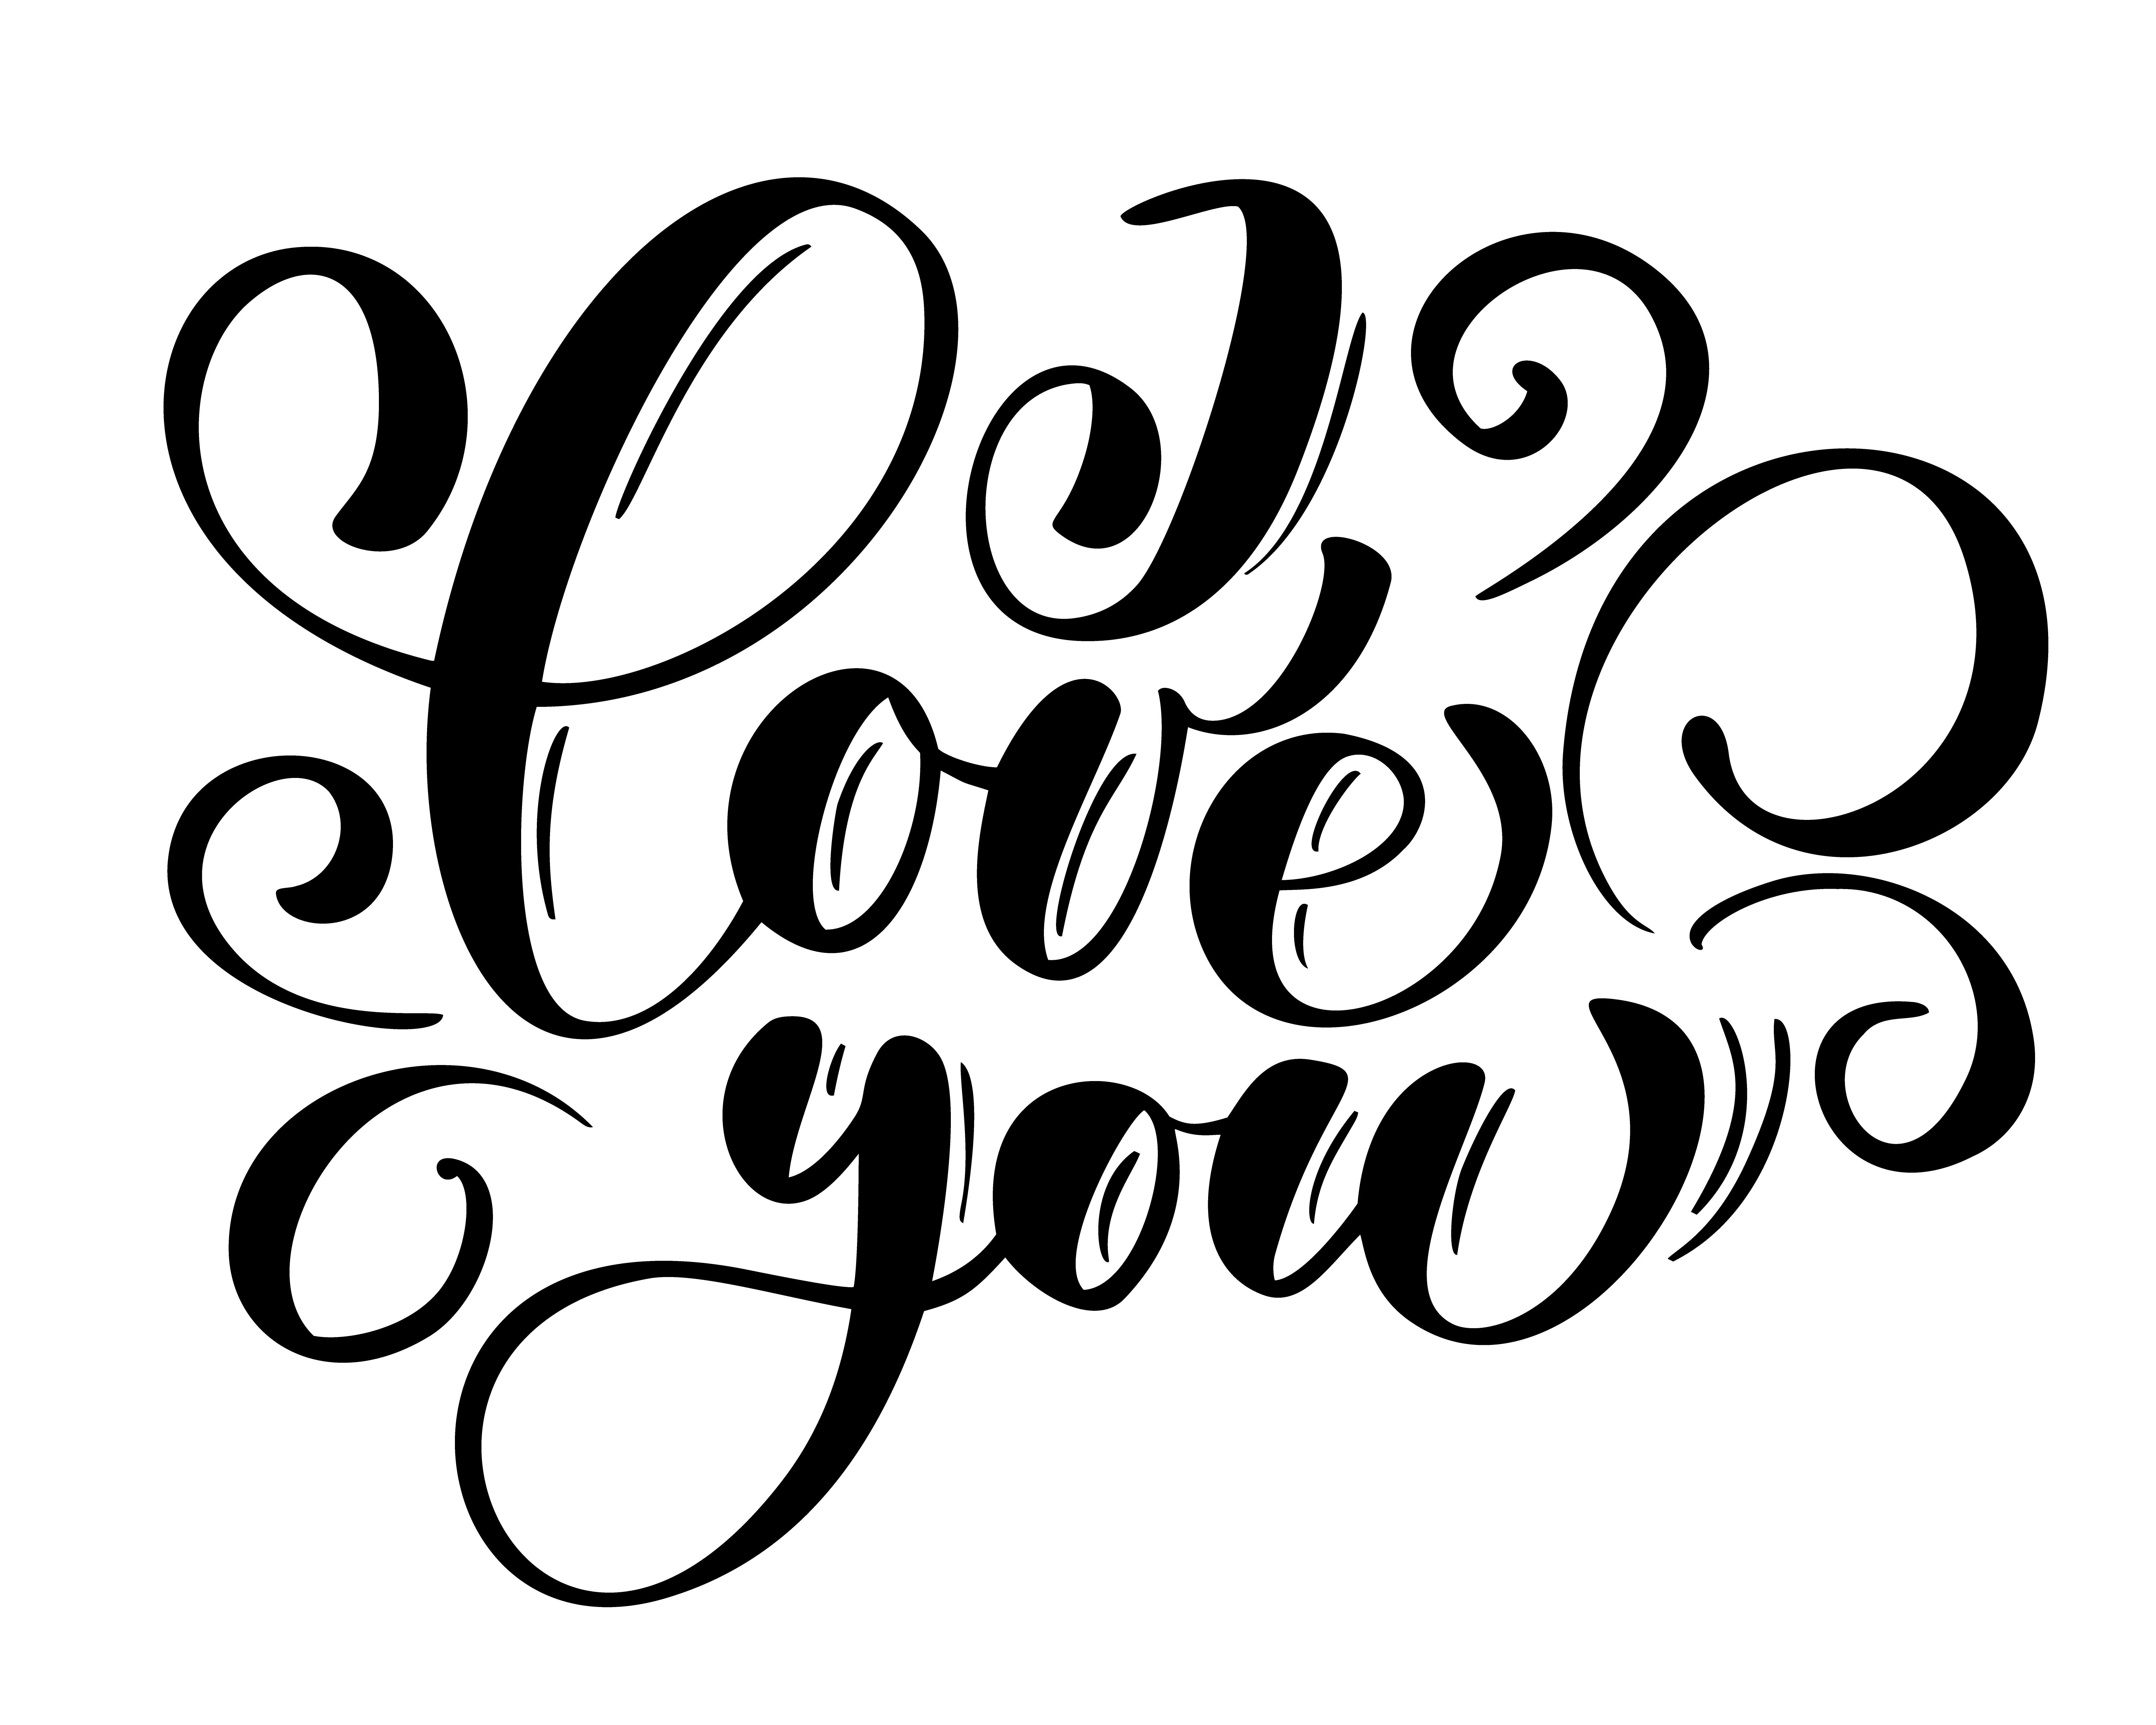 Ich liebe dich Textpostkarte. Phrase zum Valentinstag